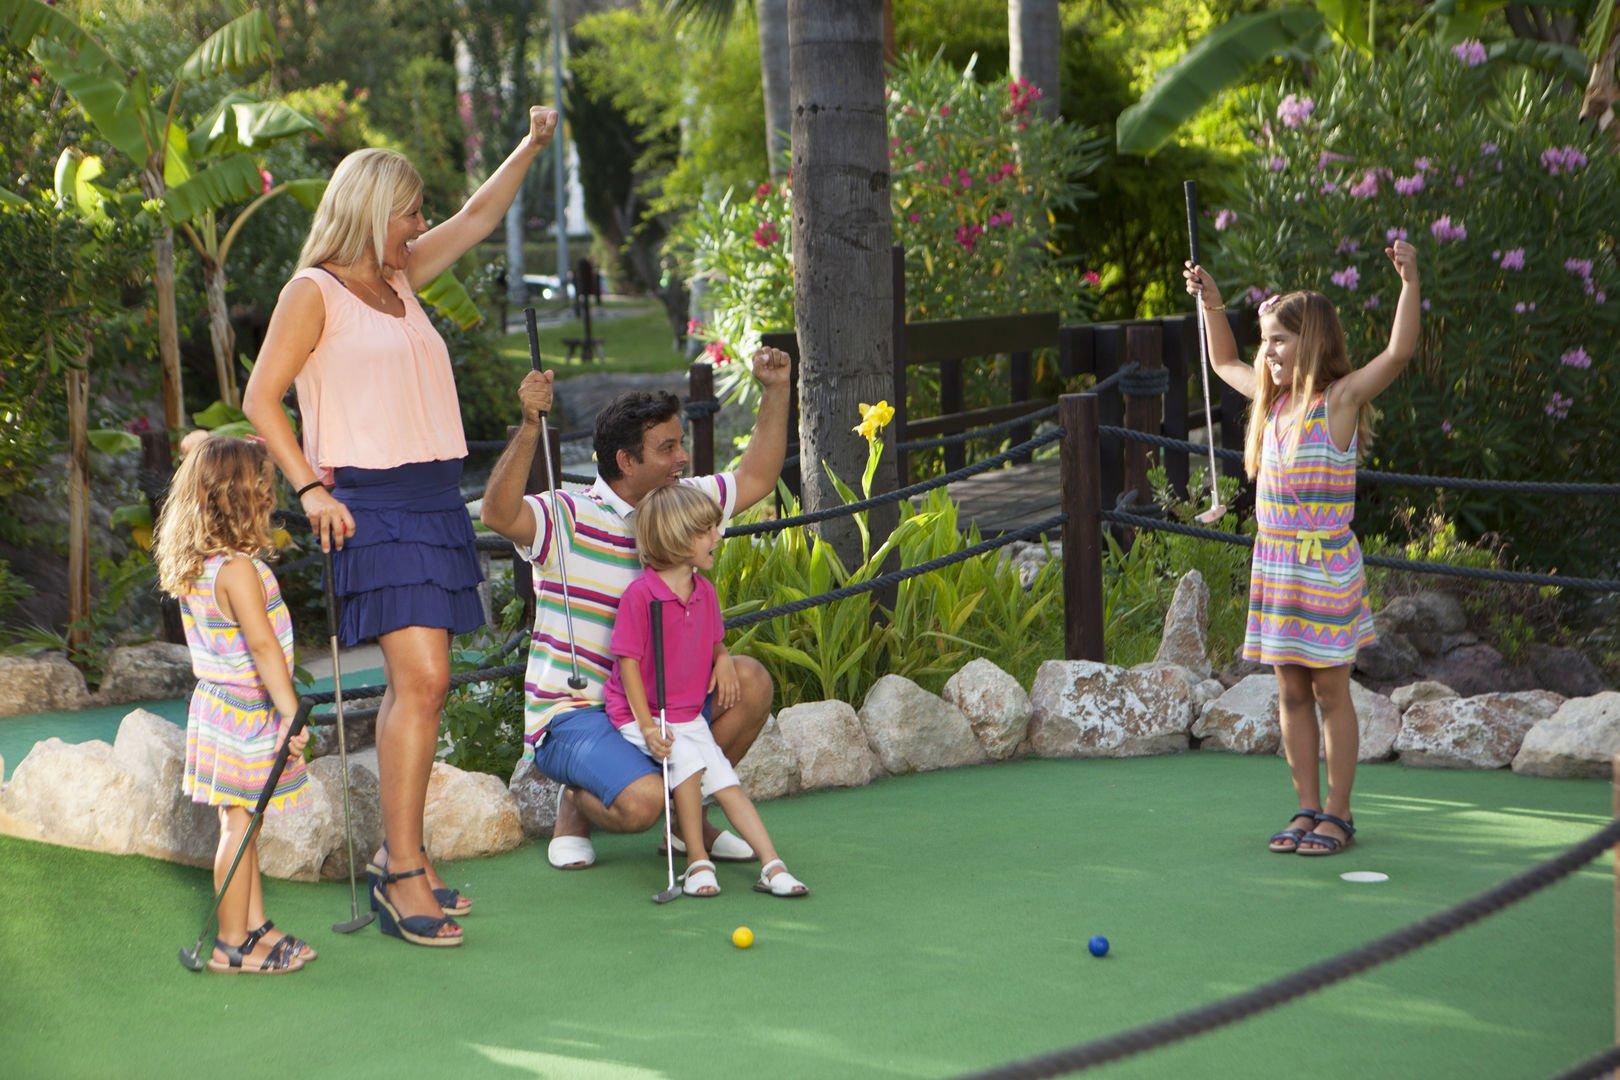 Familia disfrutando de una partida de golf